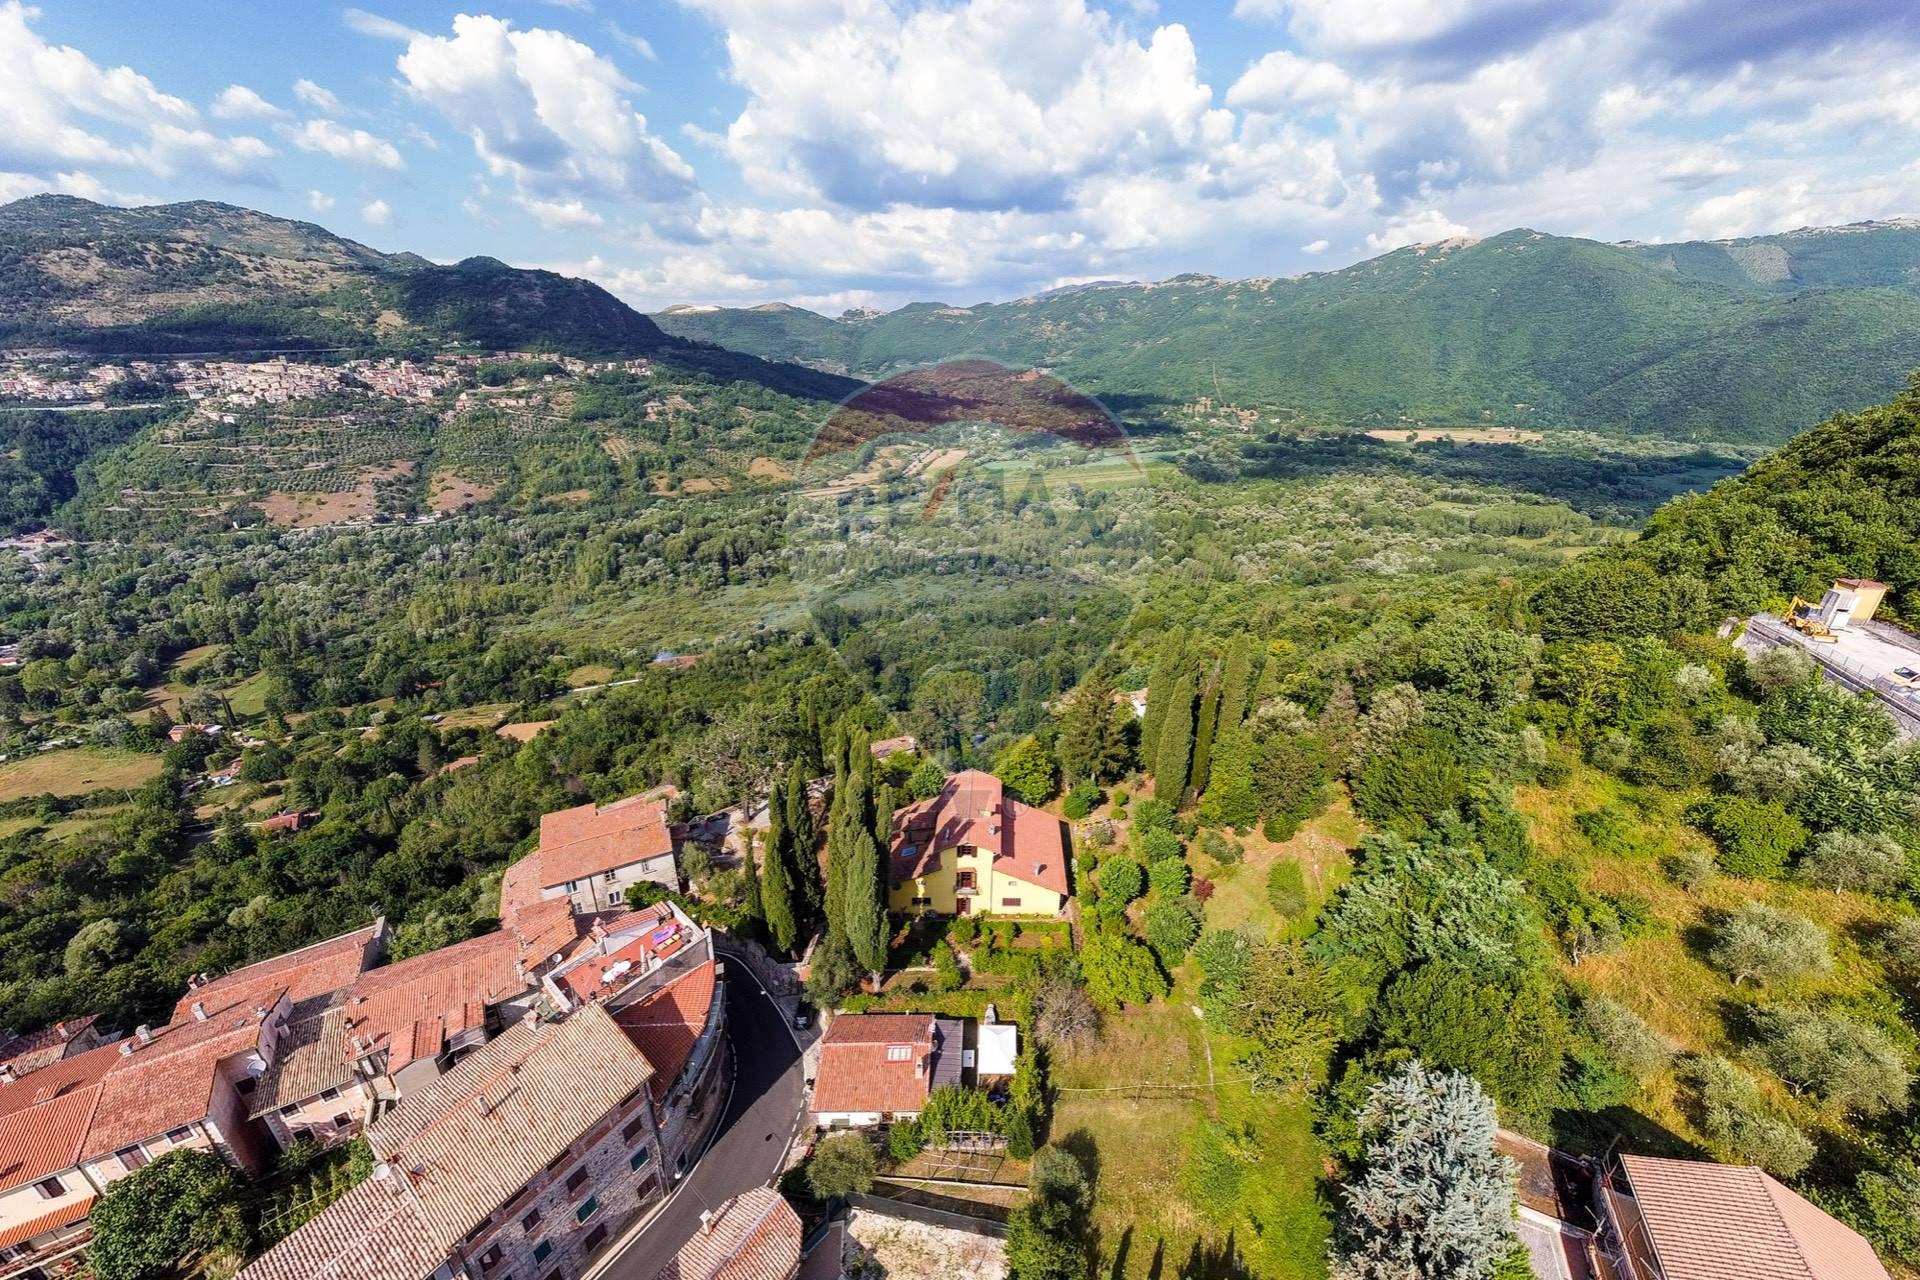 Villa in vendita a Anticoli Corrado, 18 locali, prezzo € 495.000 | CambioCasa.it